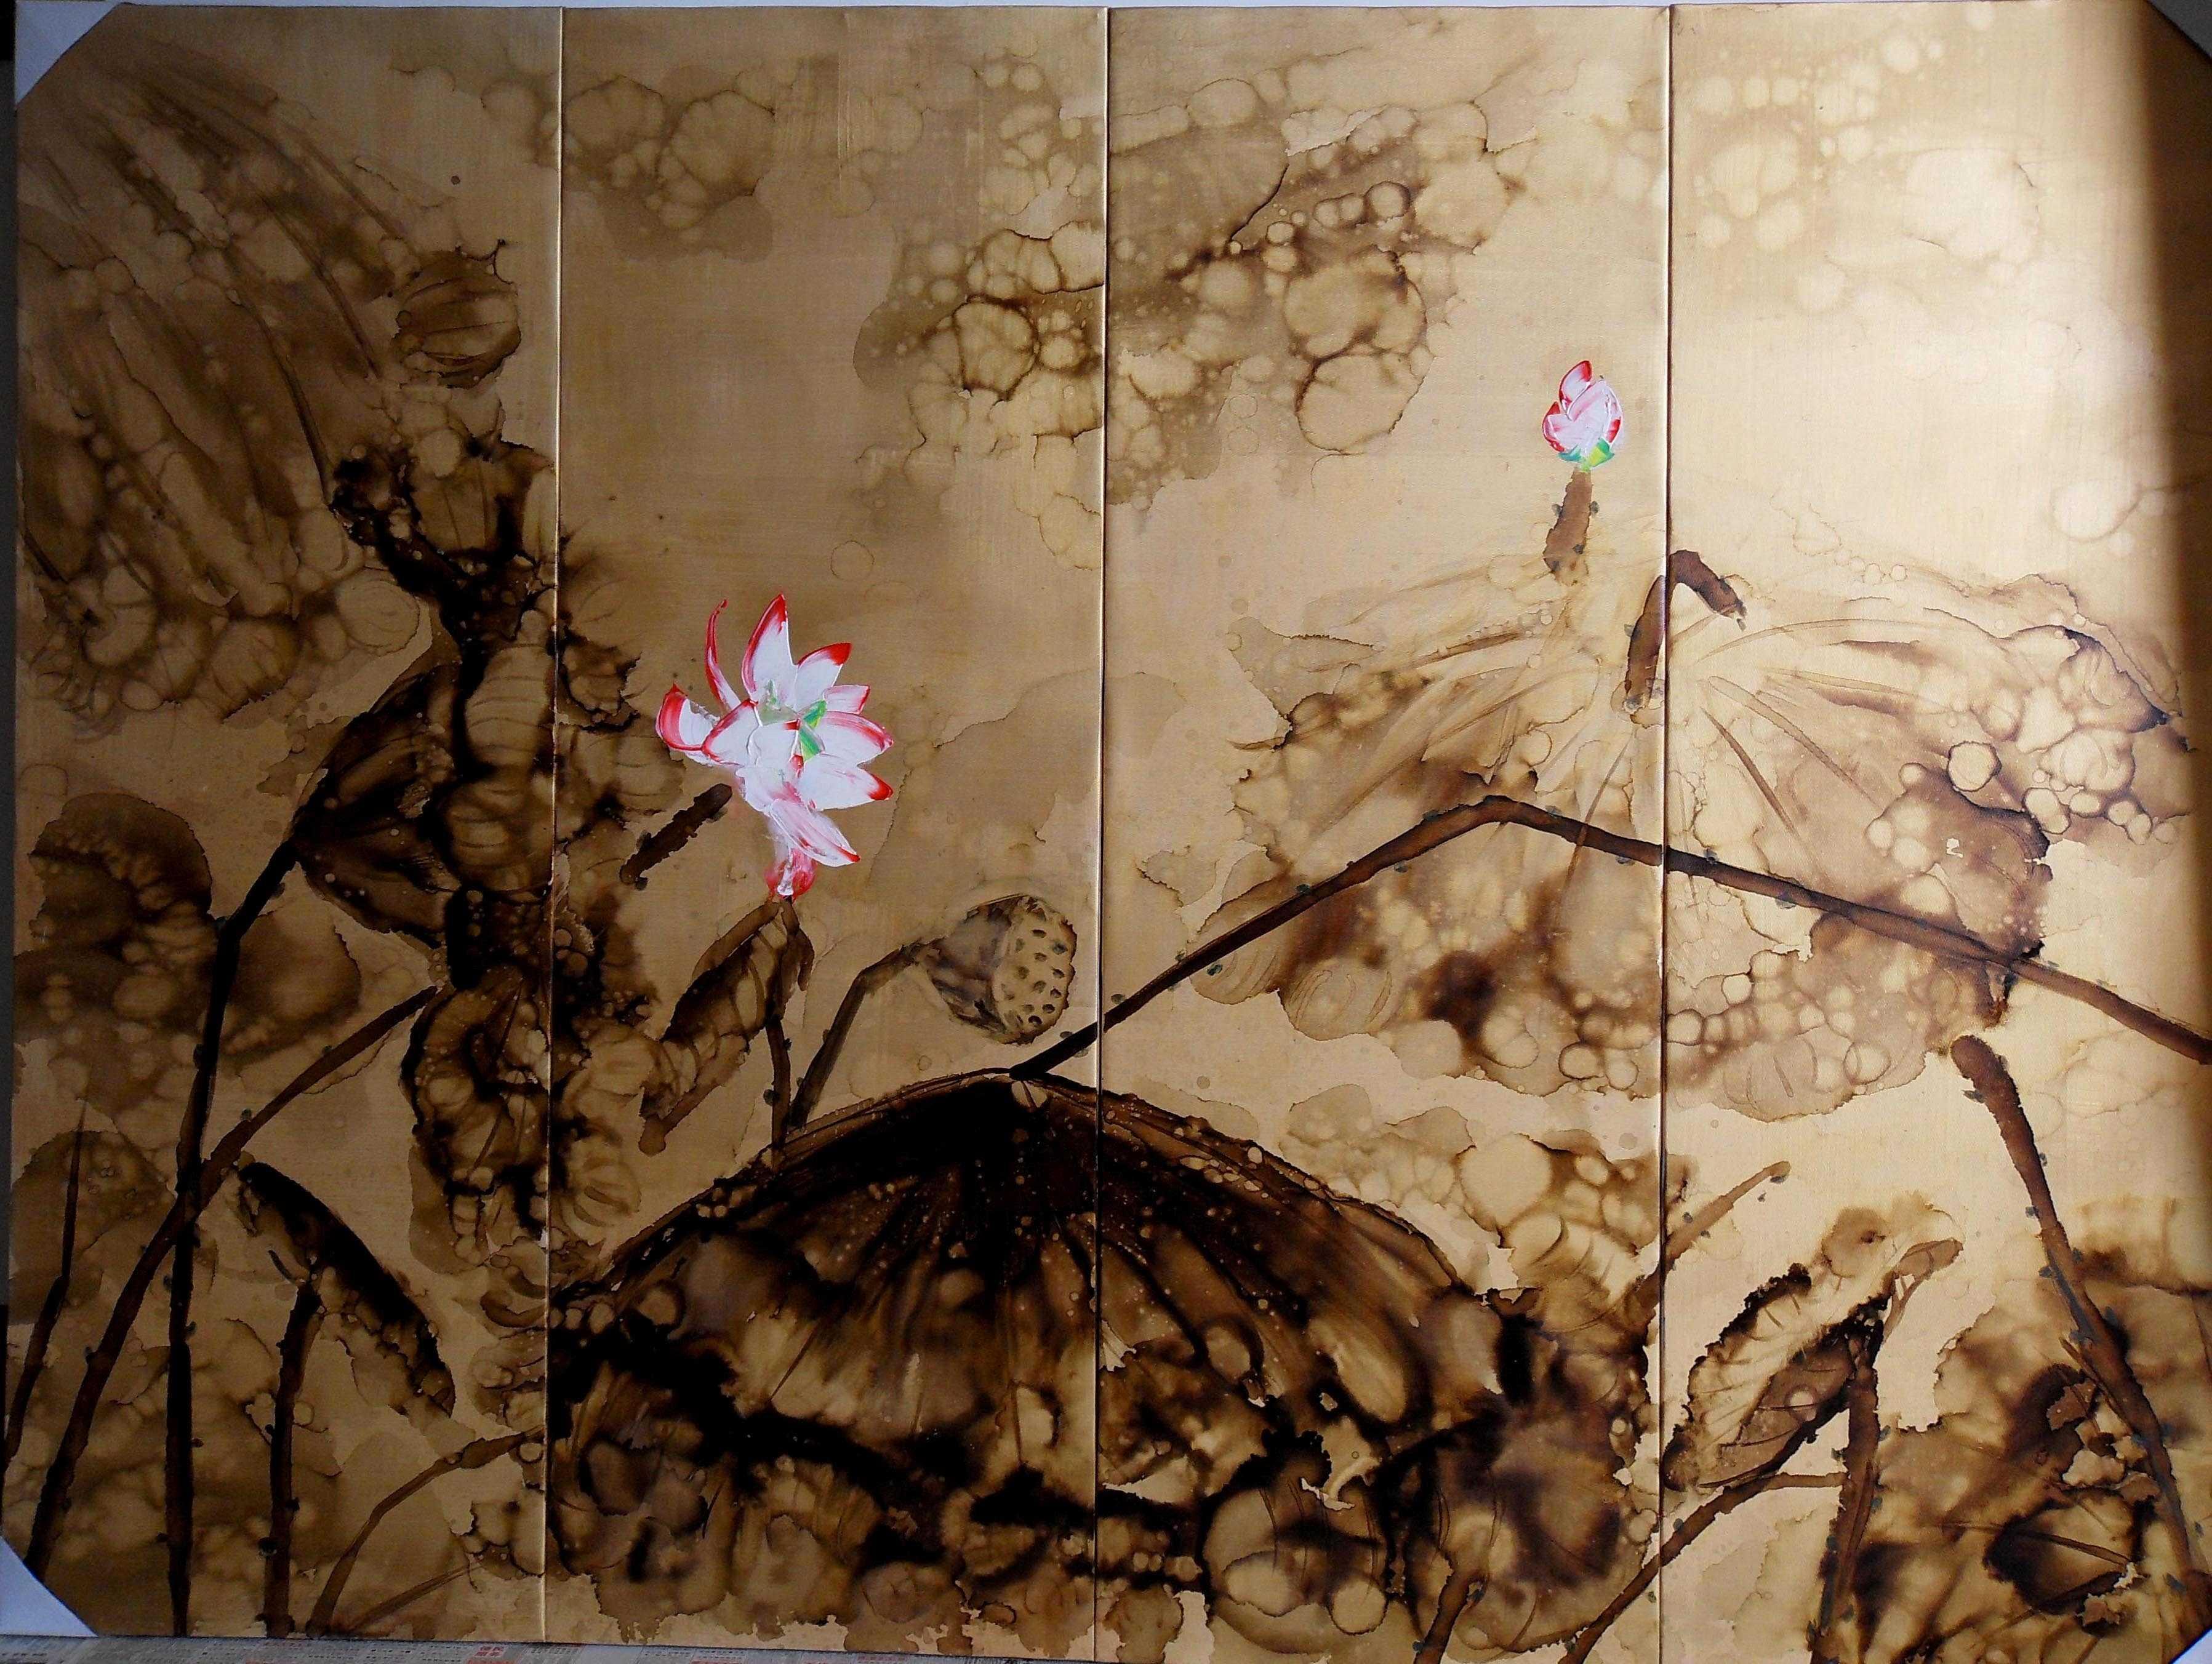 抽象;荷花; 飞跃手绘墙画艺术;; 写实荷花油画_荷韵_清晨荷包_荷气生